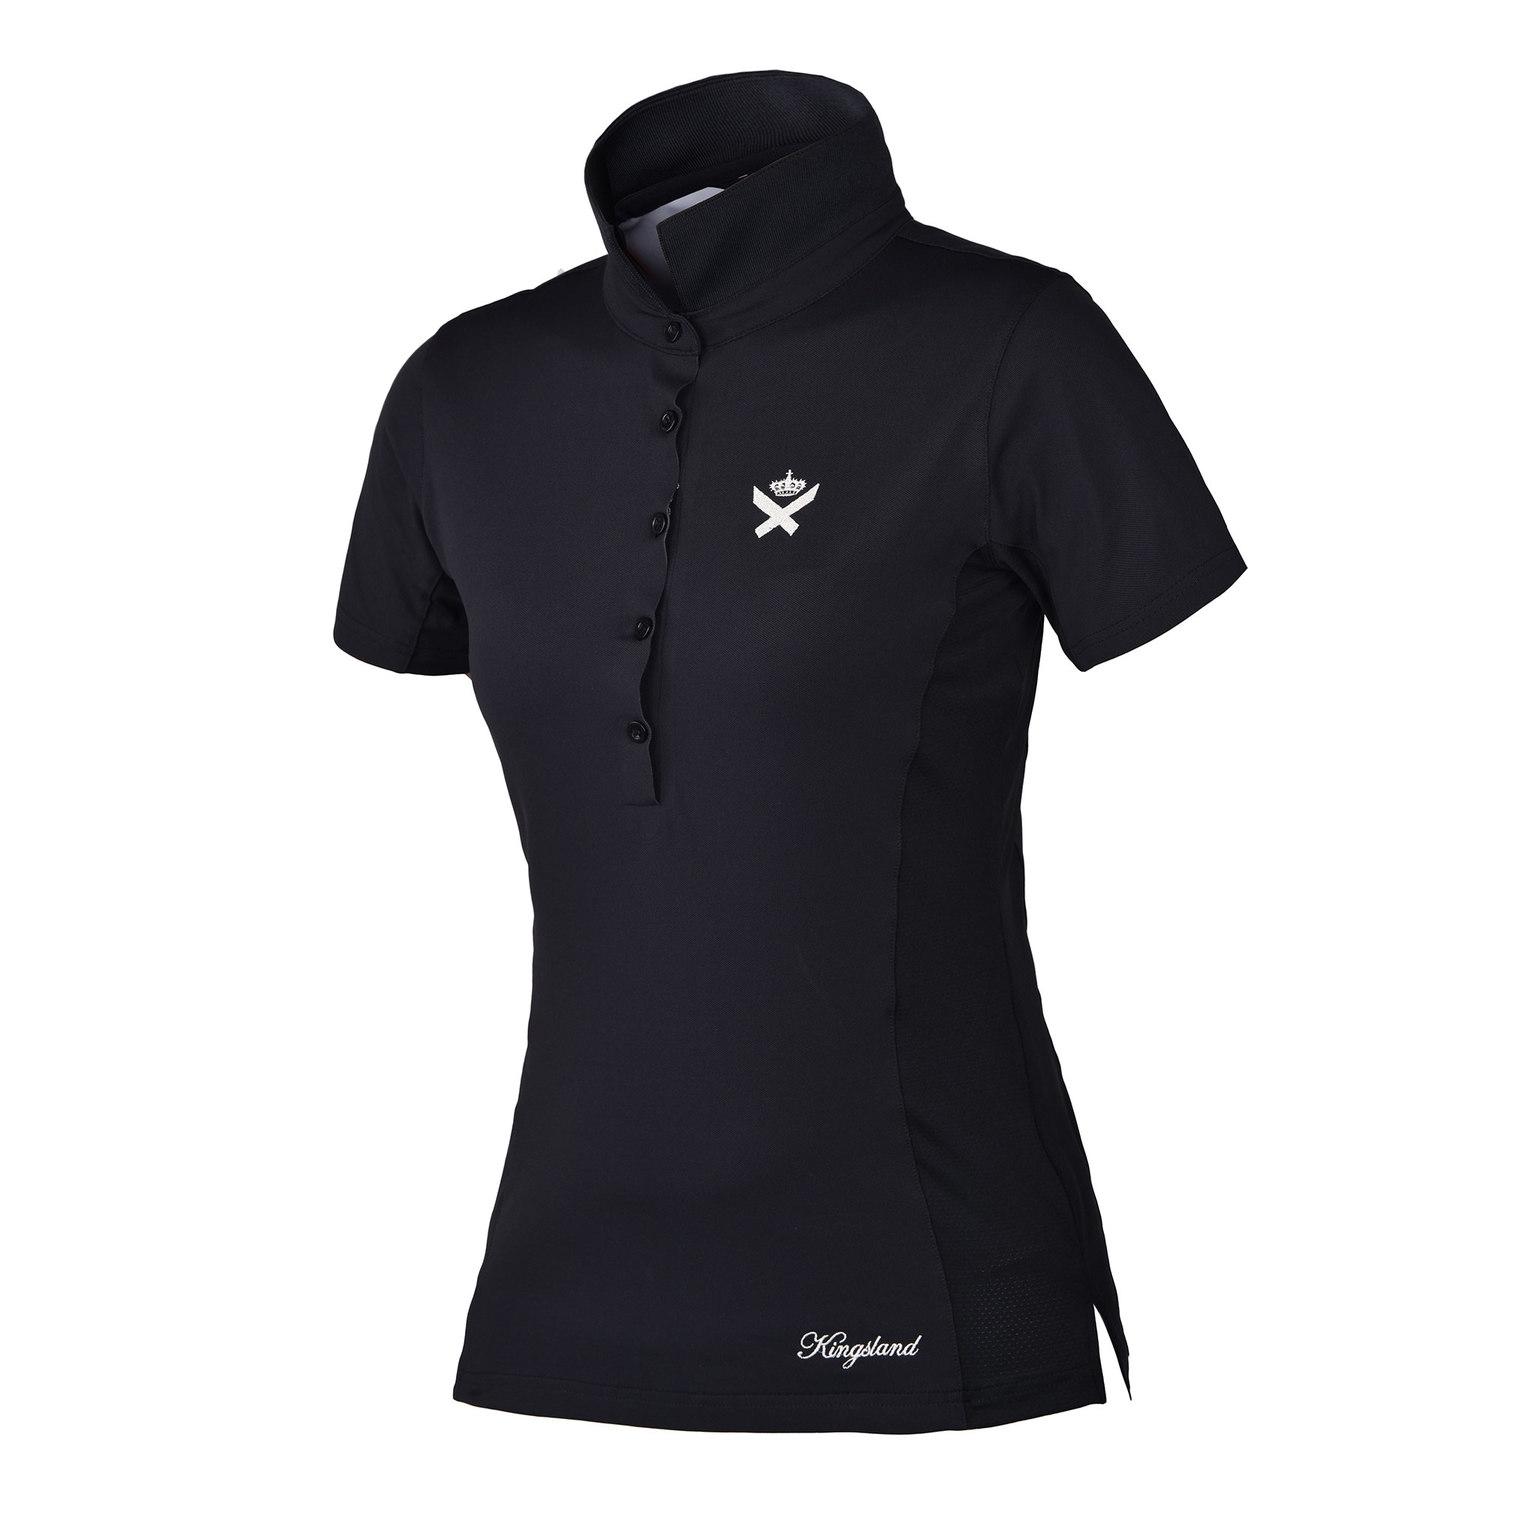 Kingsland polo shirt Harmony